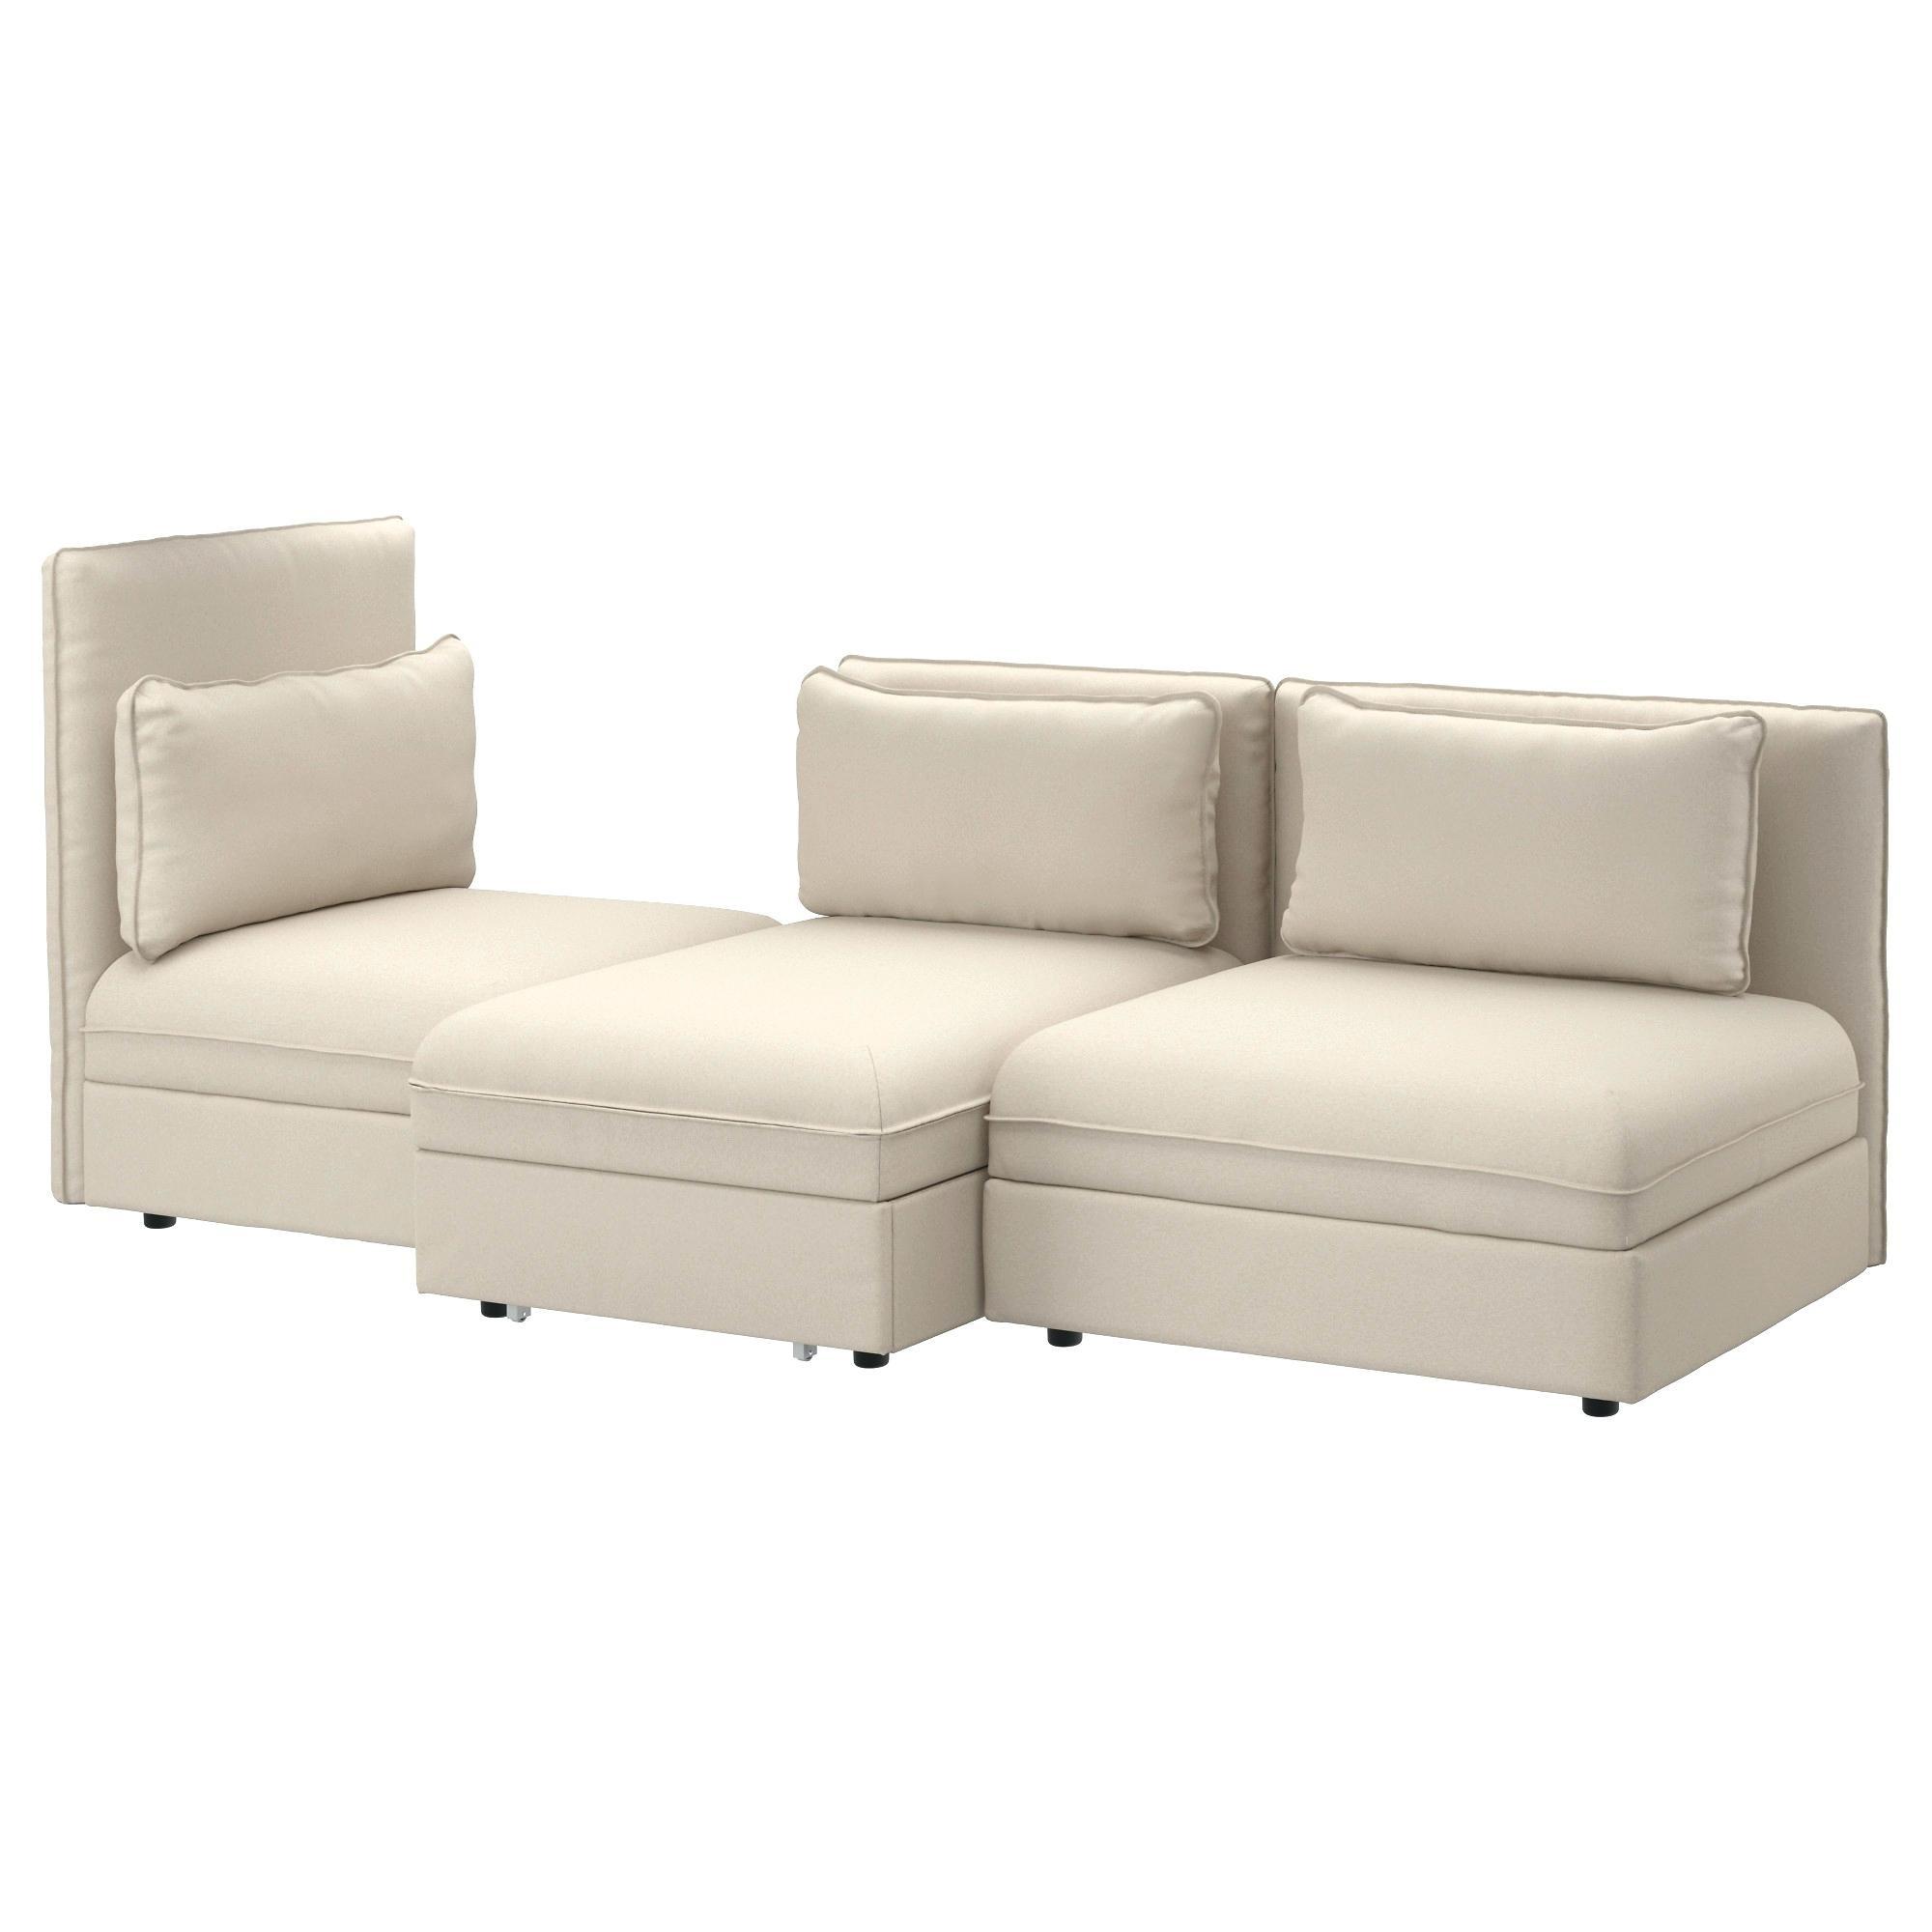 Housse Canapé Bz Ikea Inspirant Collection Les 20 Nouveau Canapé Bultex S